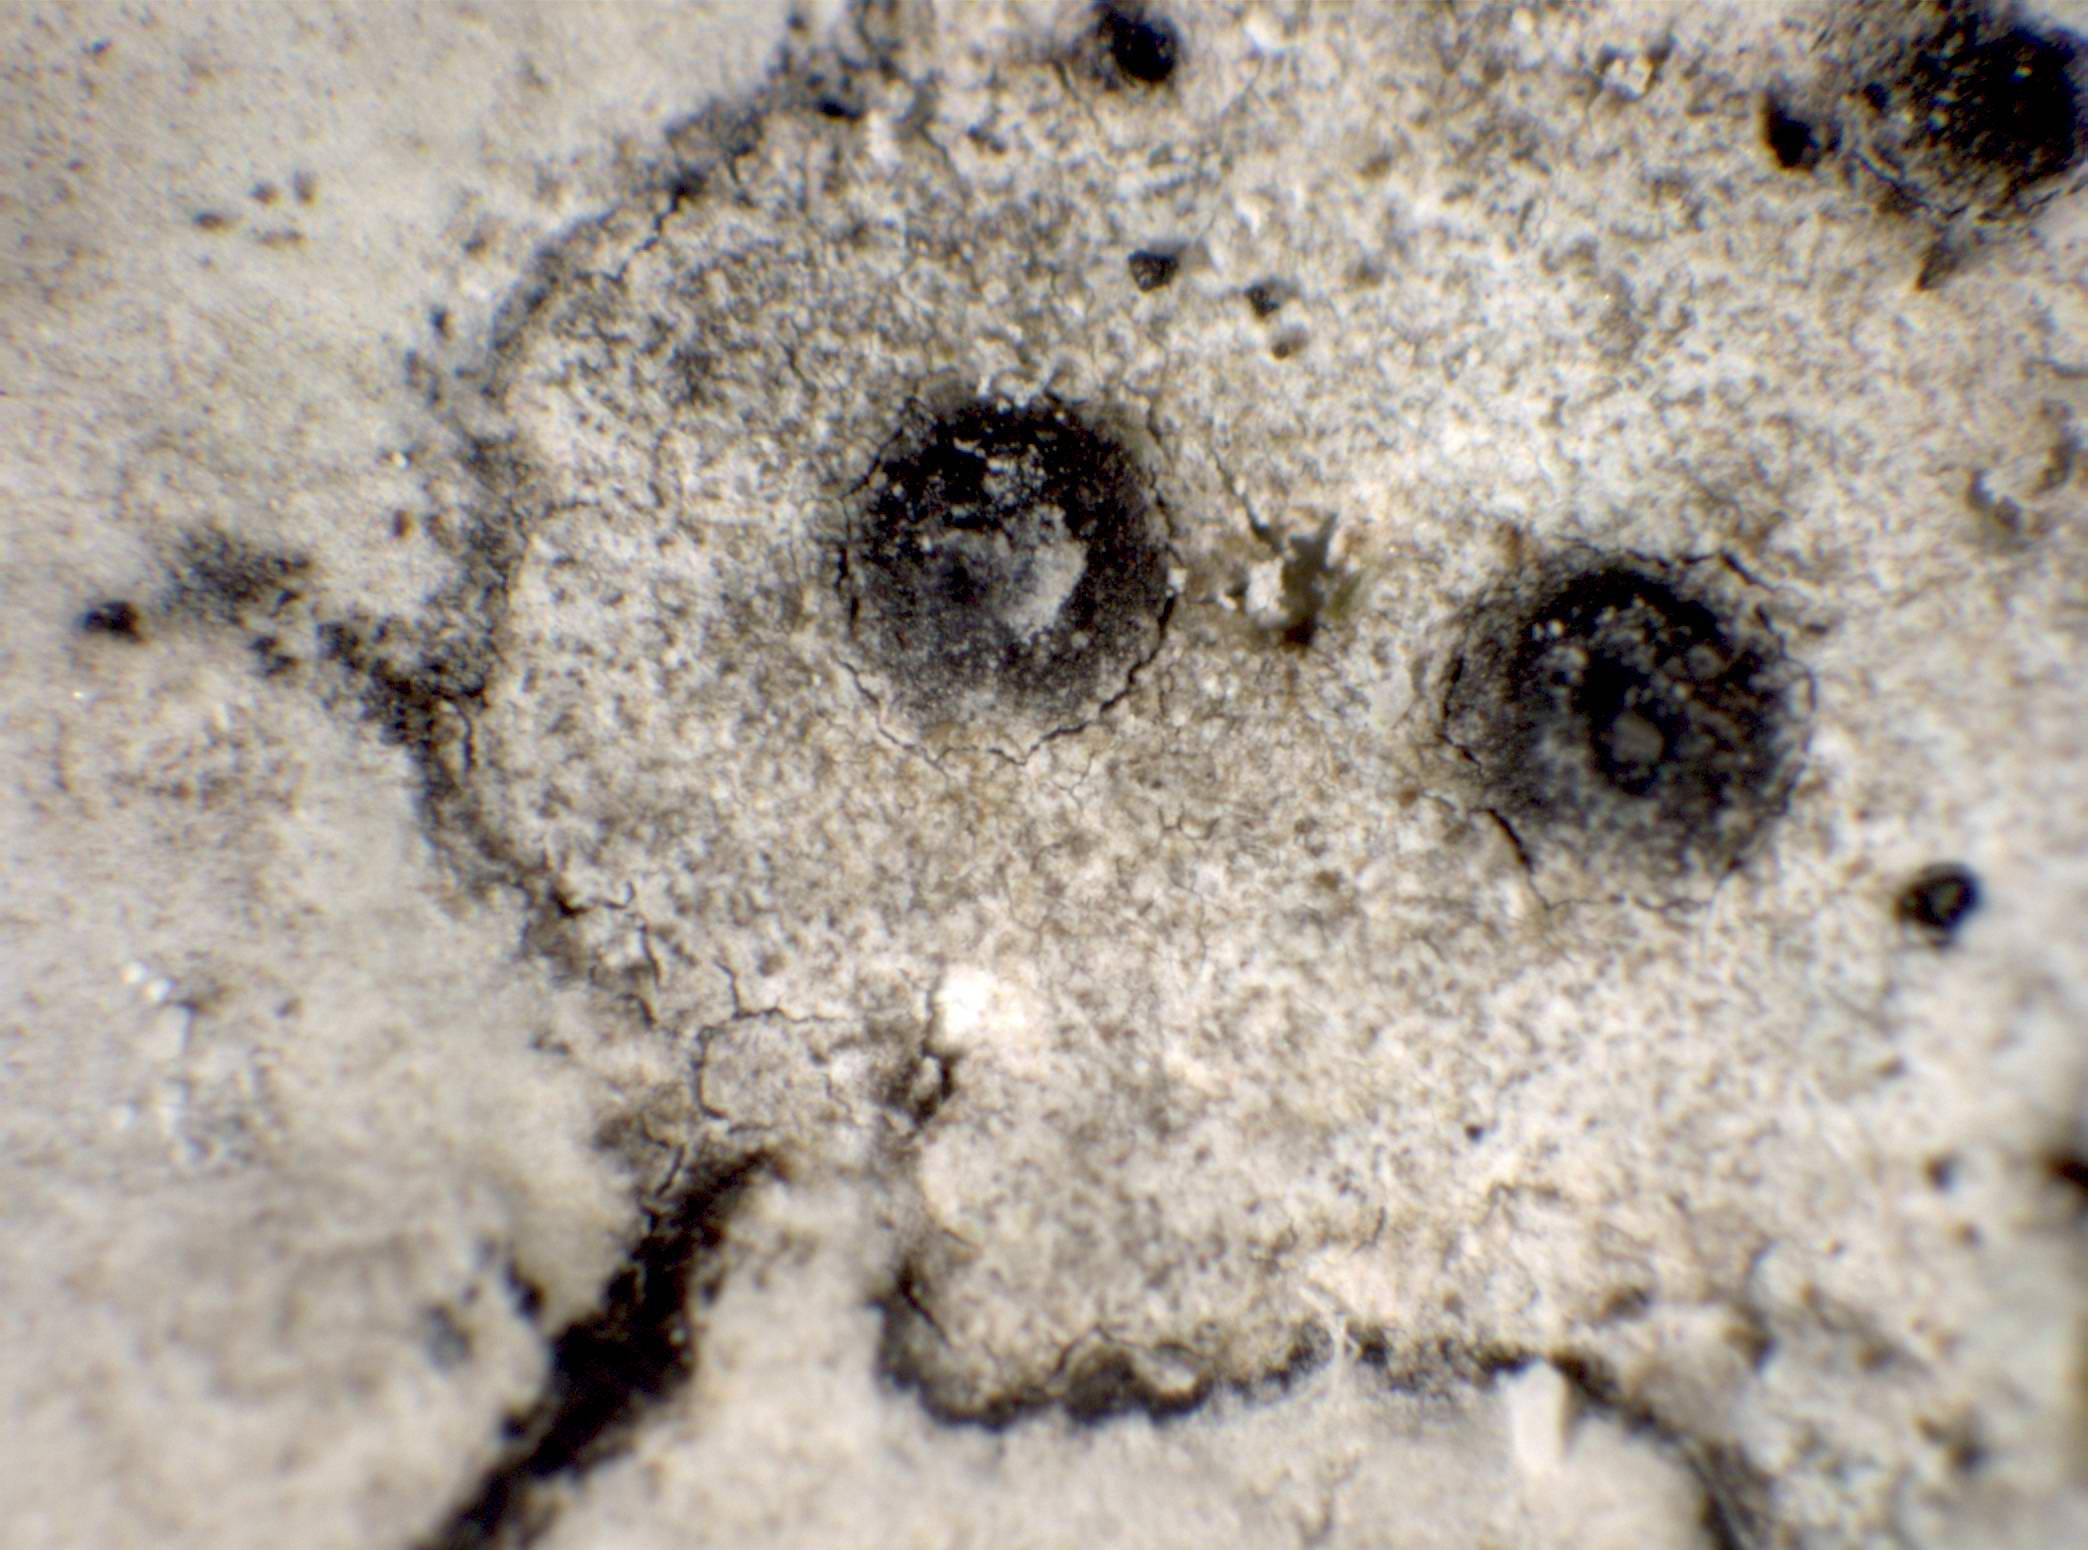 Polyblastia ardesiaca (Bagl. & Carestia) Zschacke